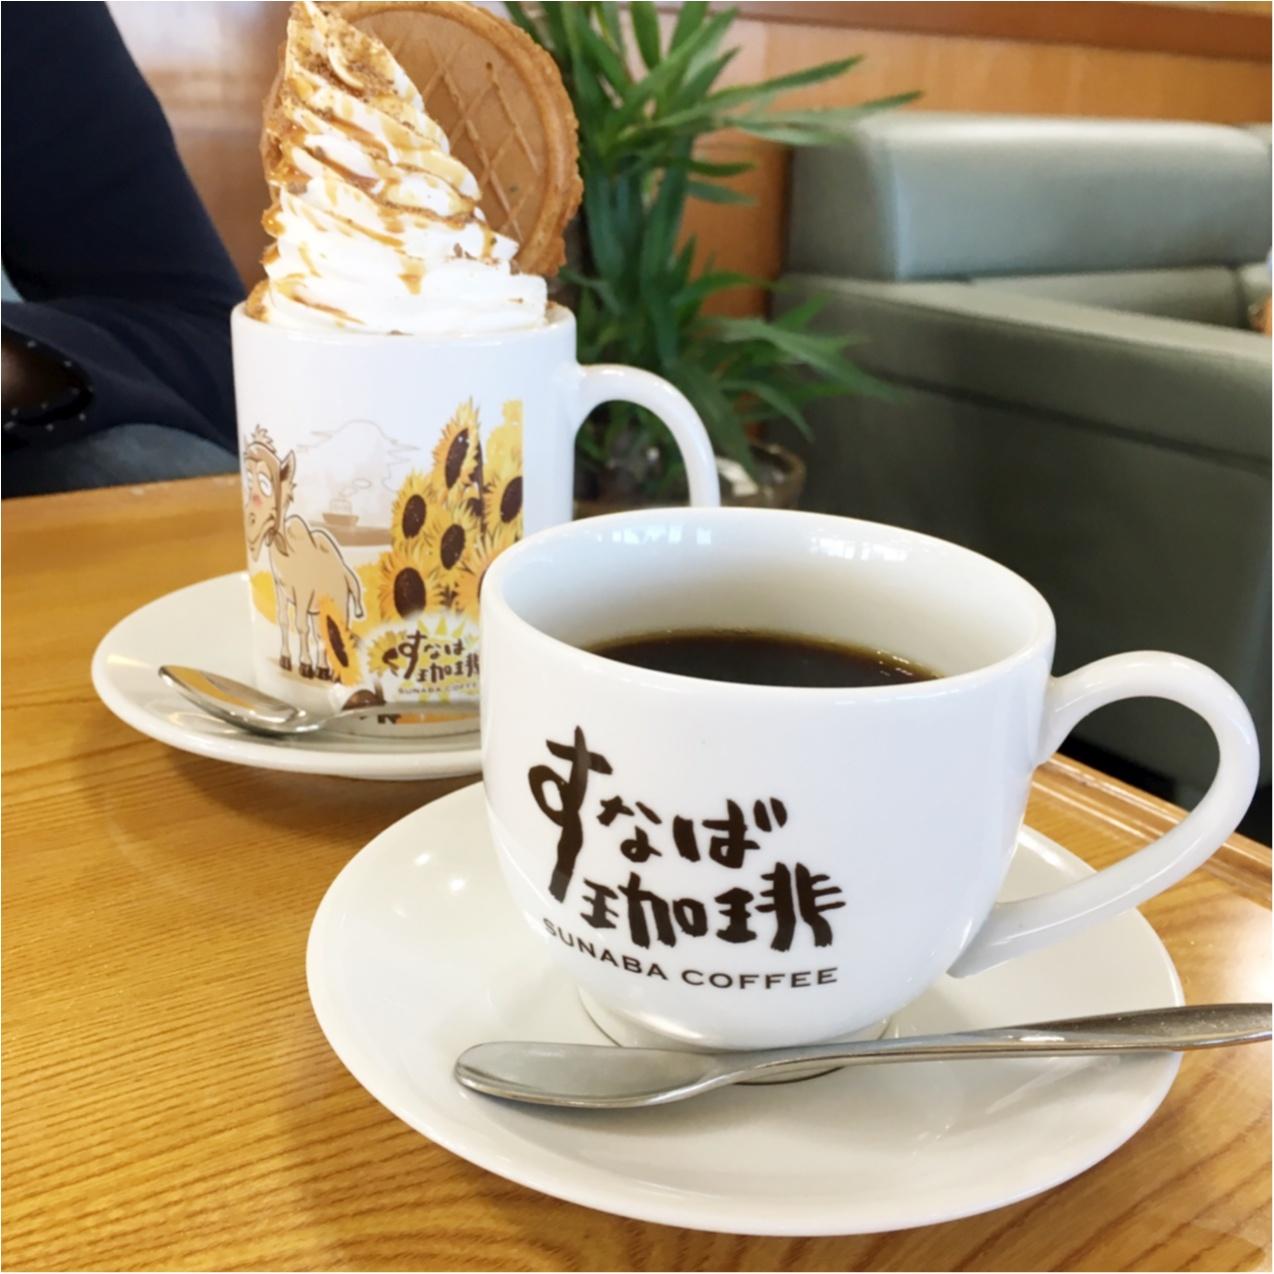 鳥取に行ったら行きたい♡ご当地コーヒーの 《 すなば珈琲 》へ行ってみた♡♡_8